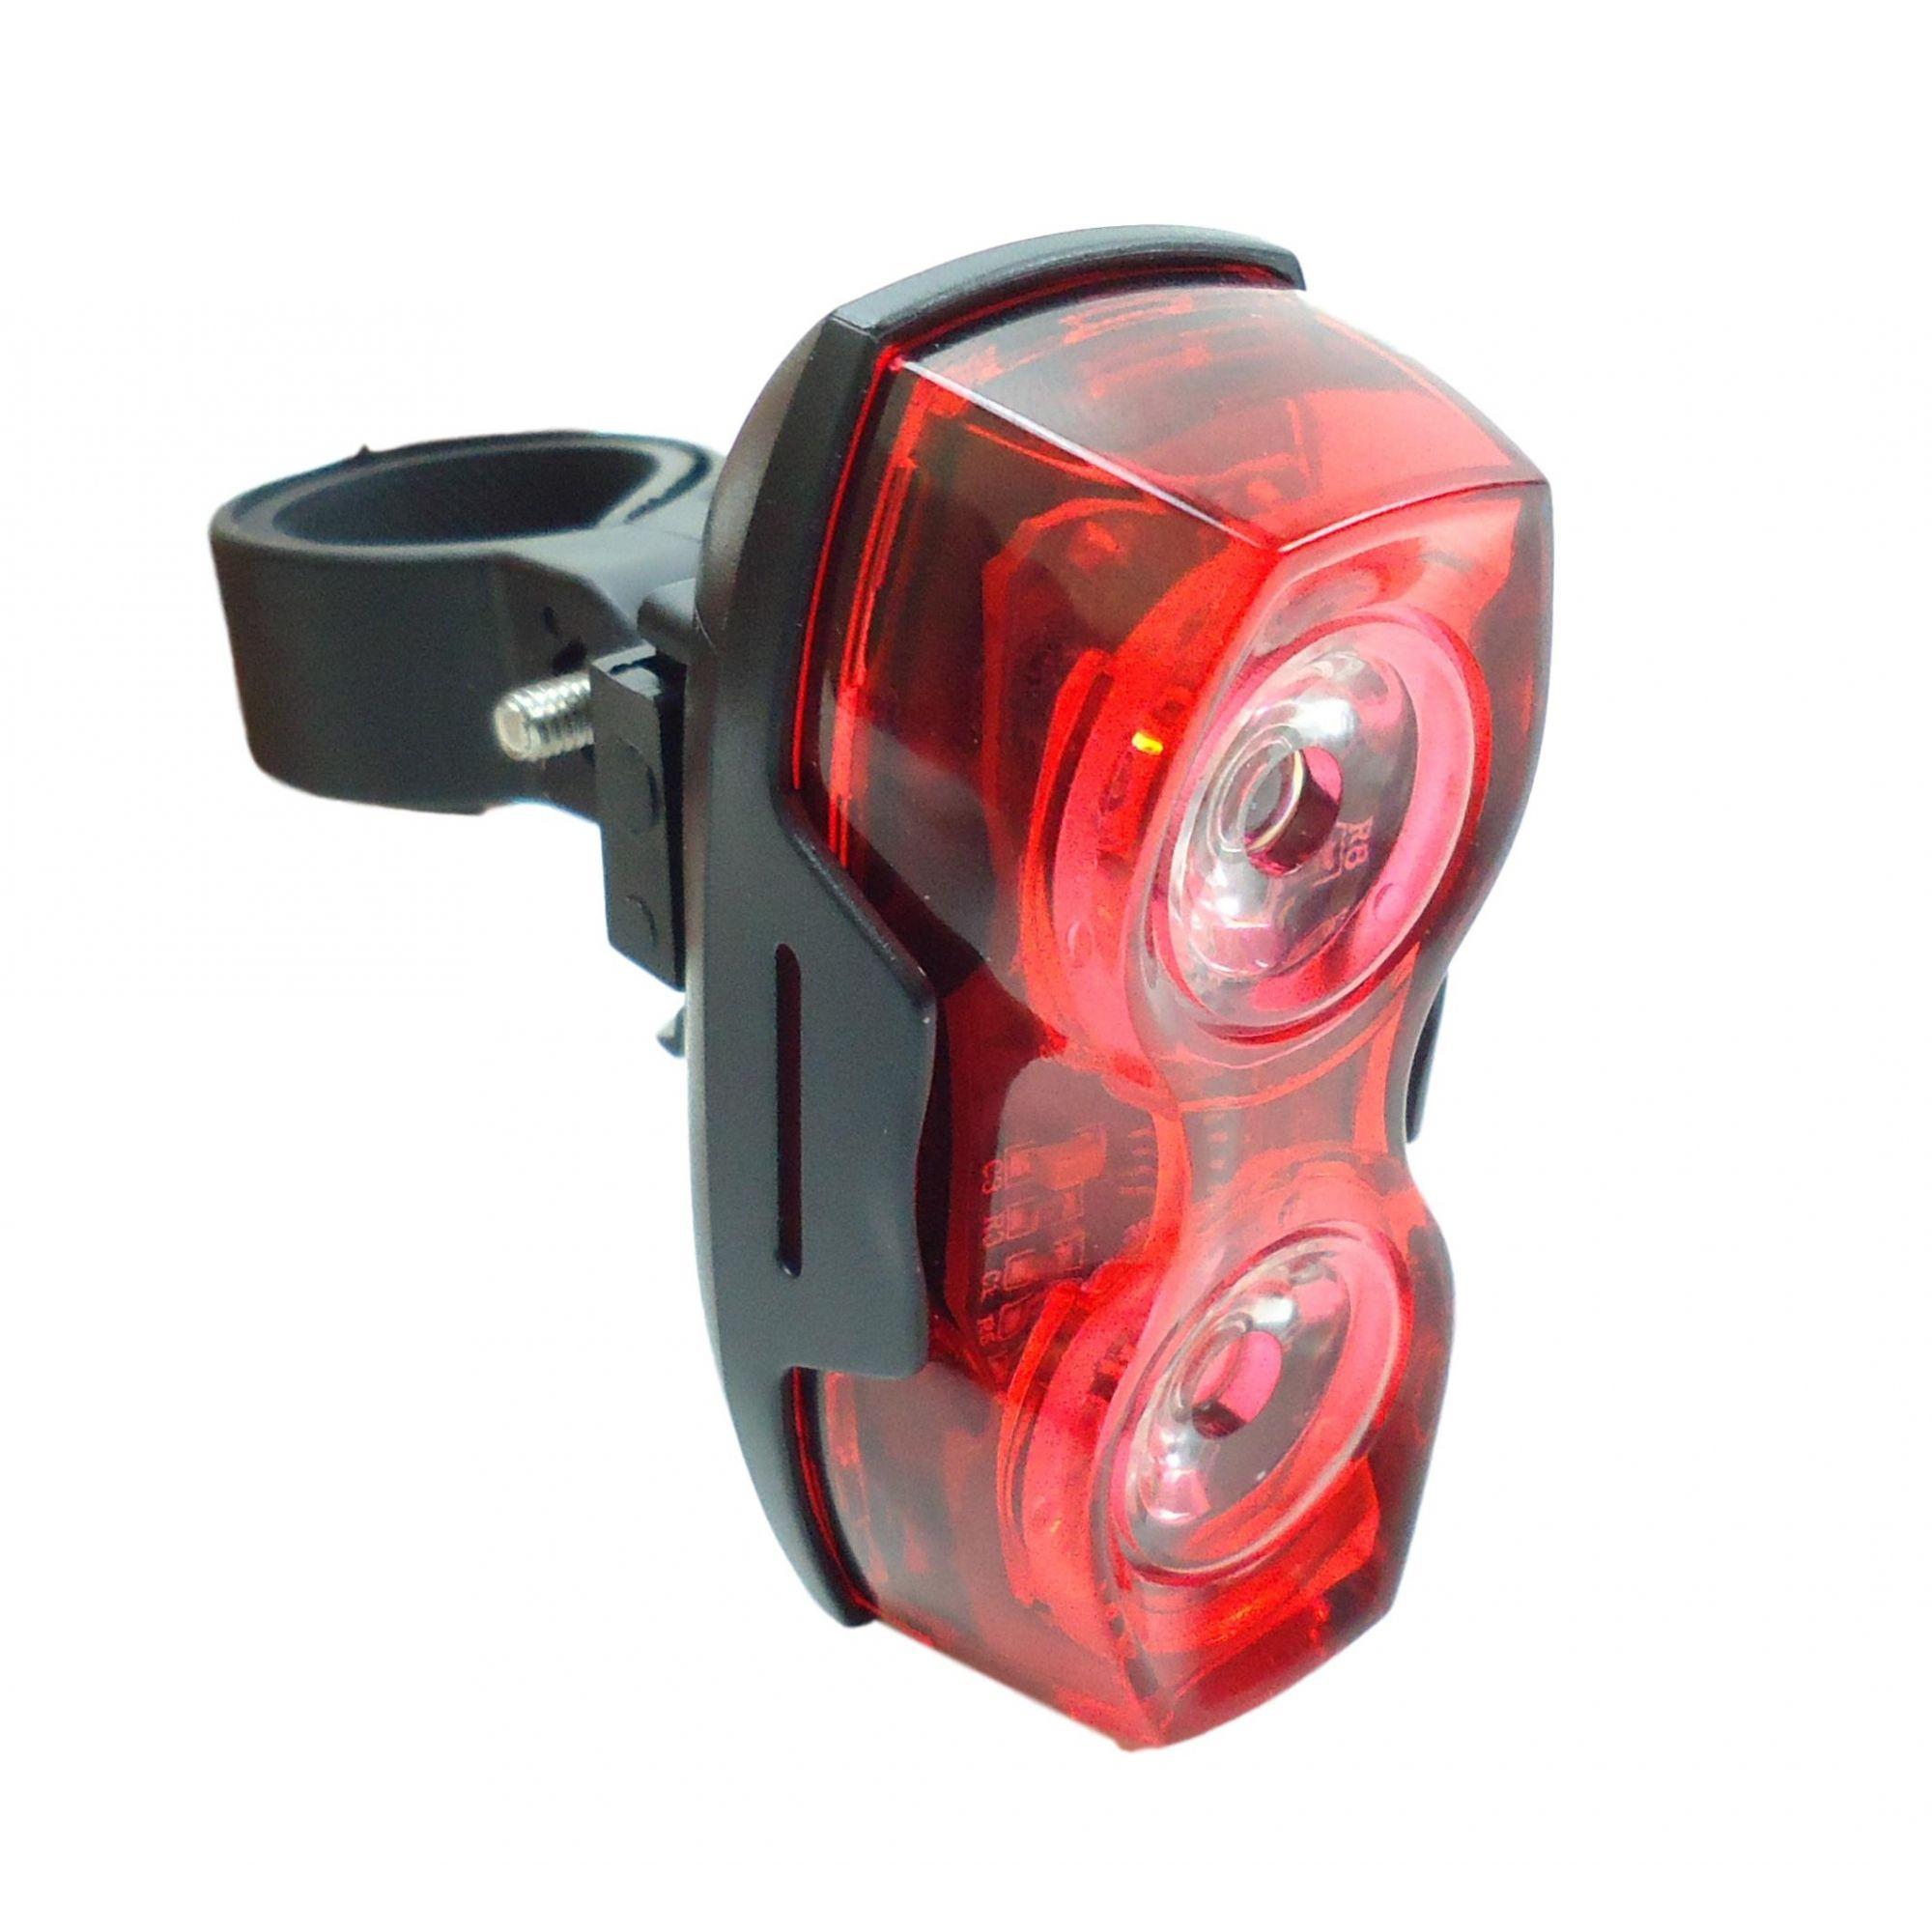 Sinalizador Traseiro Epic Line Vega 2 com 2 Leds Vermelho Modos Luz Noturna Alta Potência